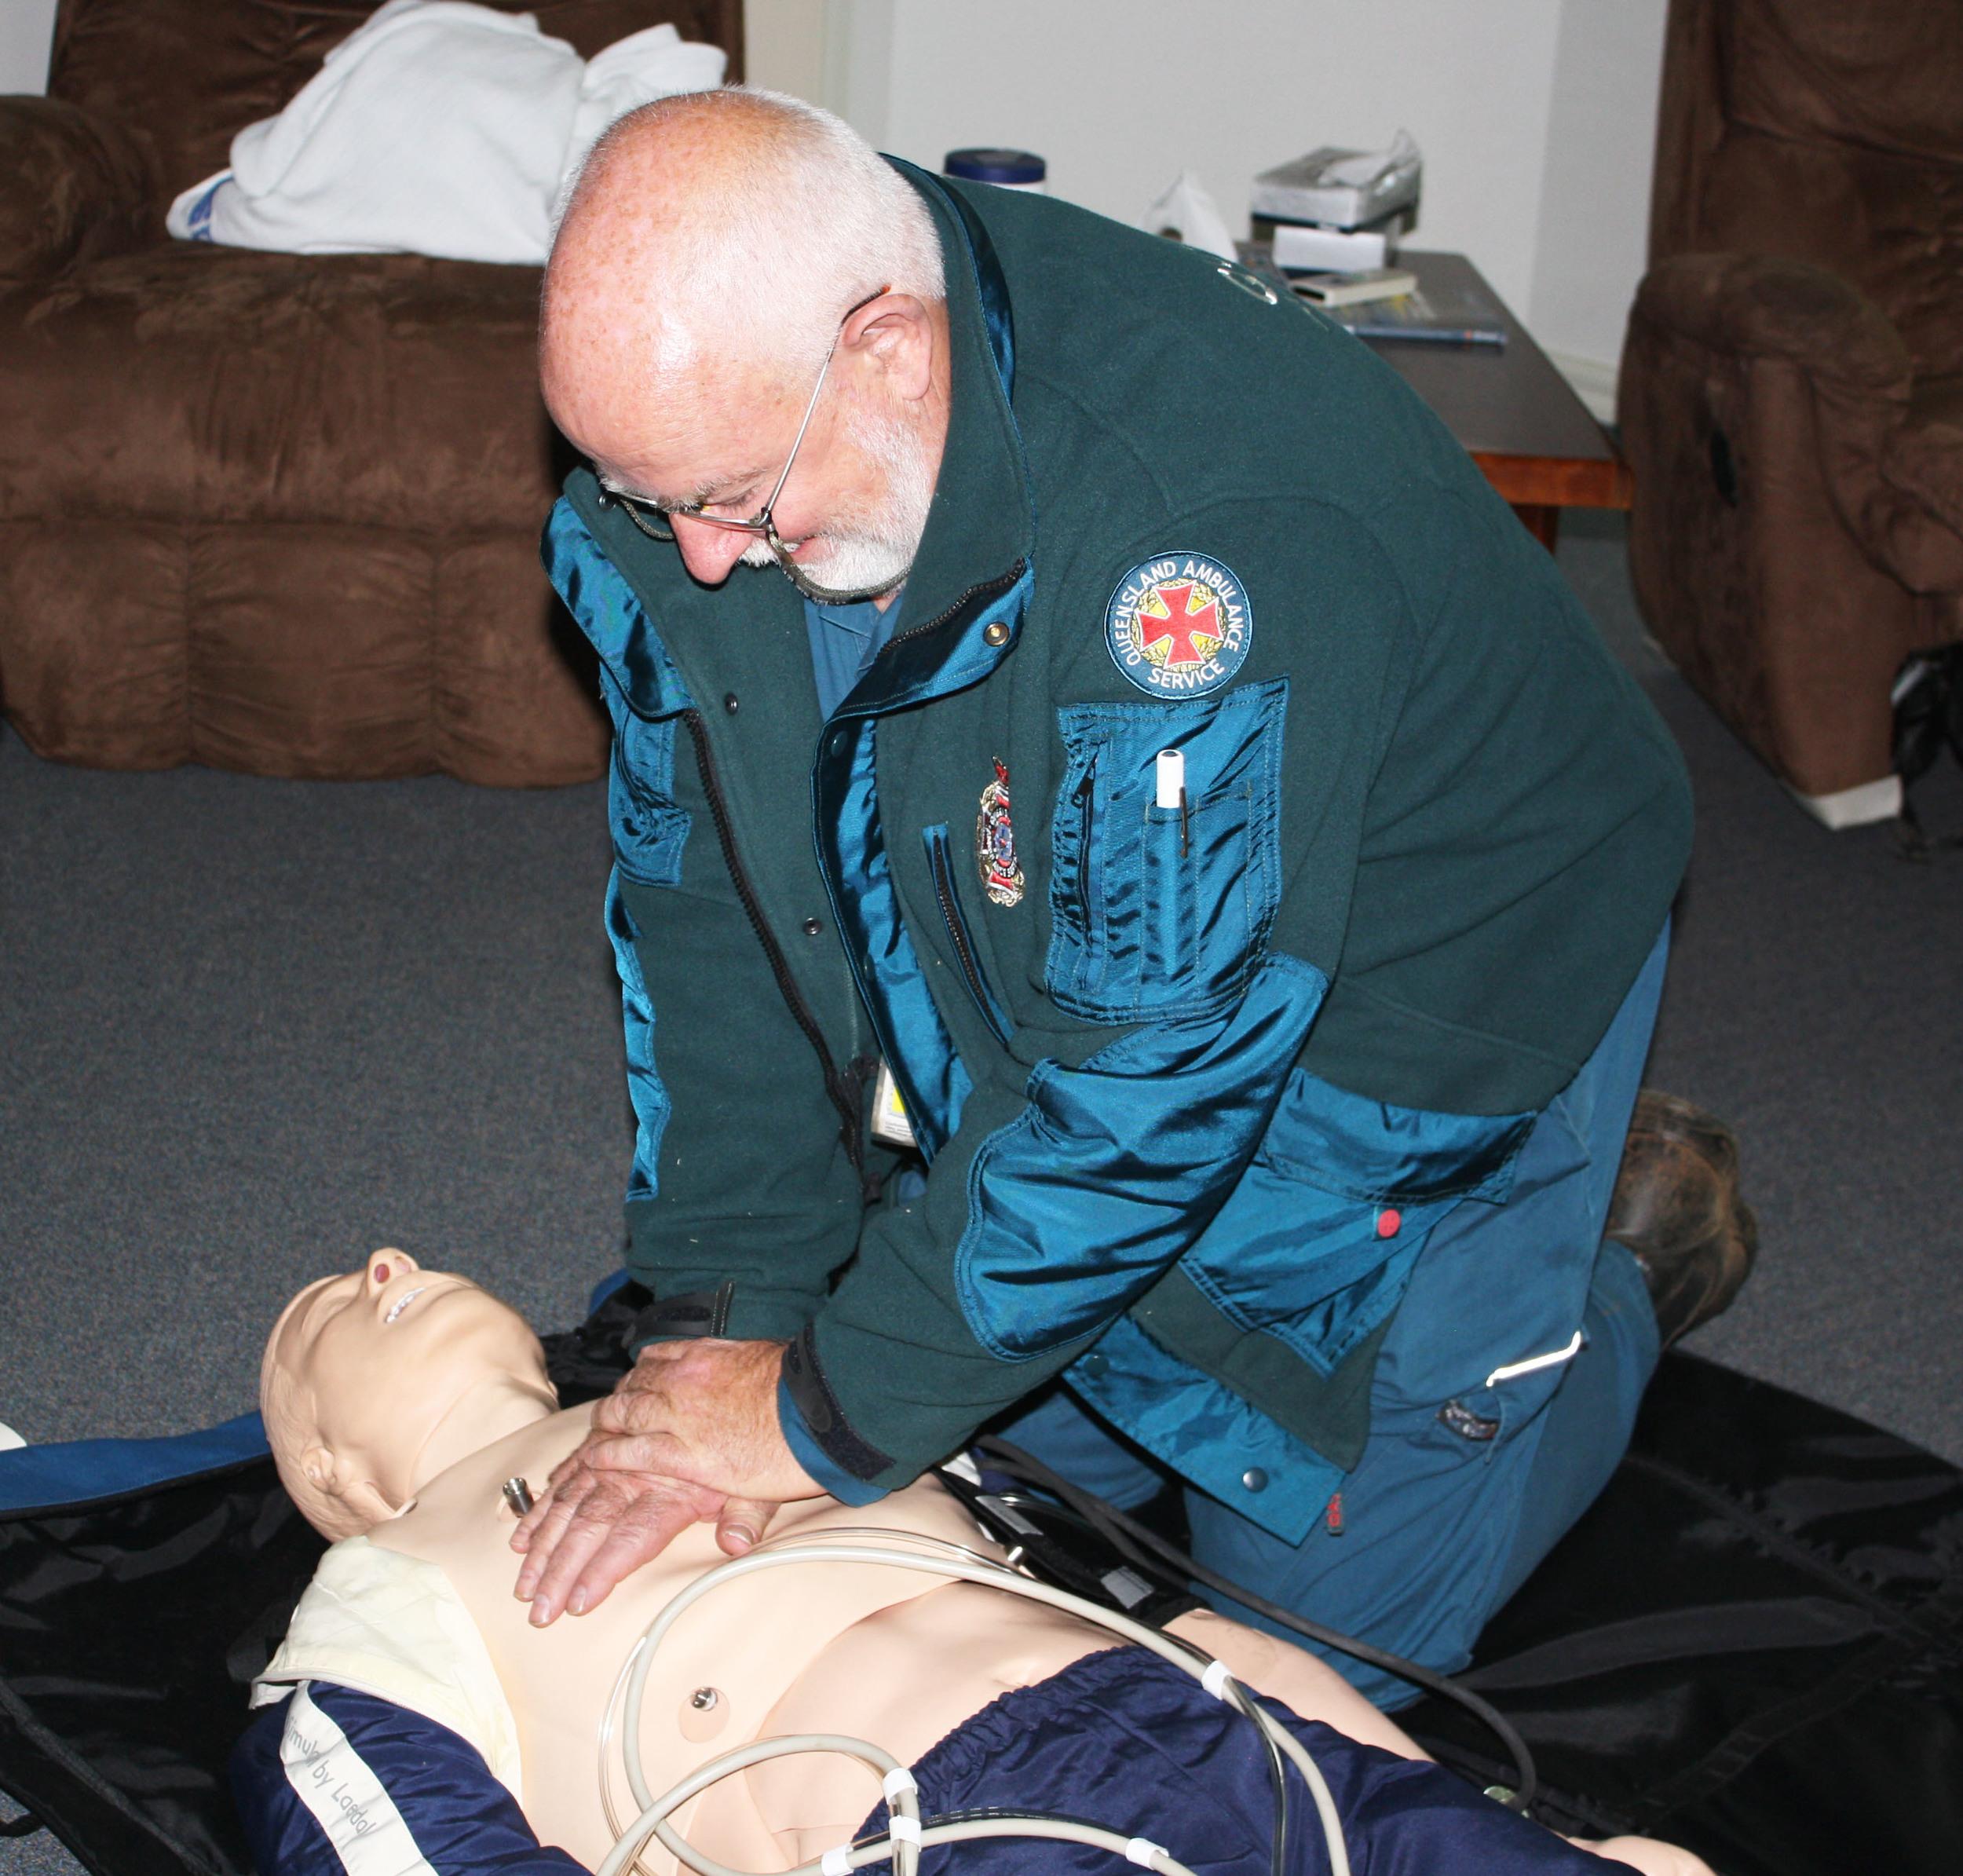 Steve-does-CPR-on-the-manikin-pc.jpg